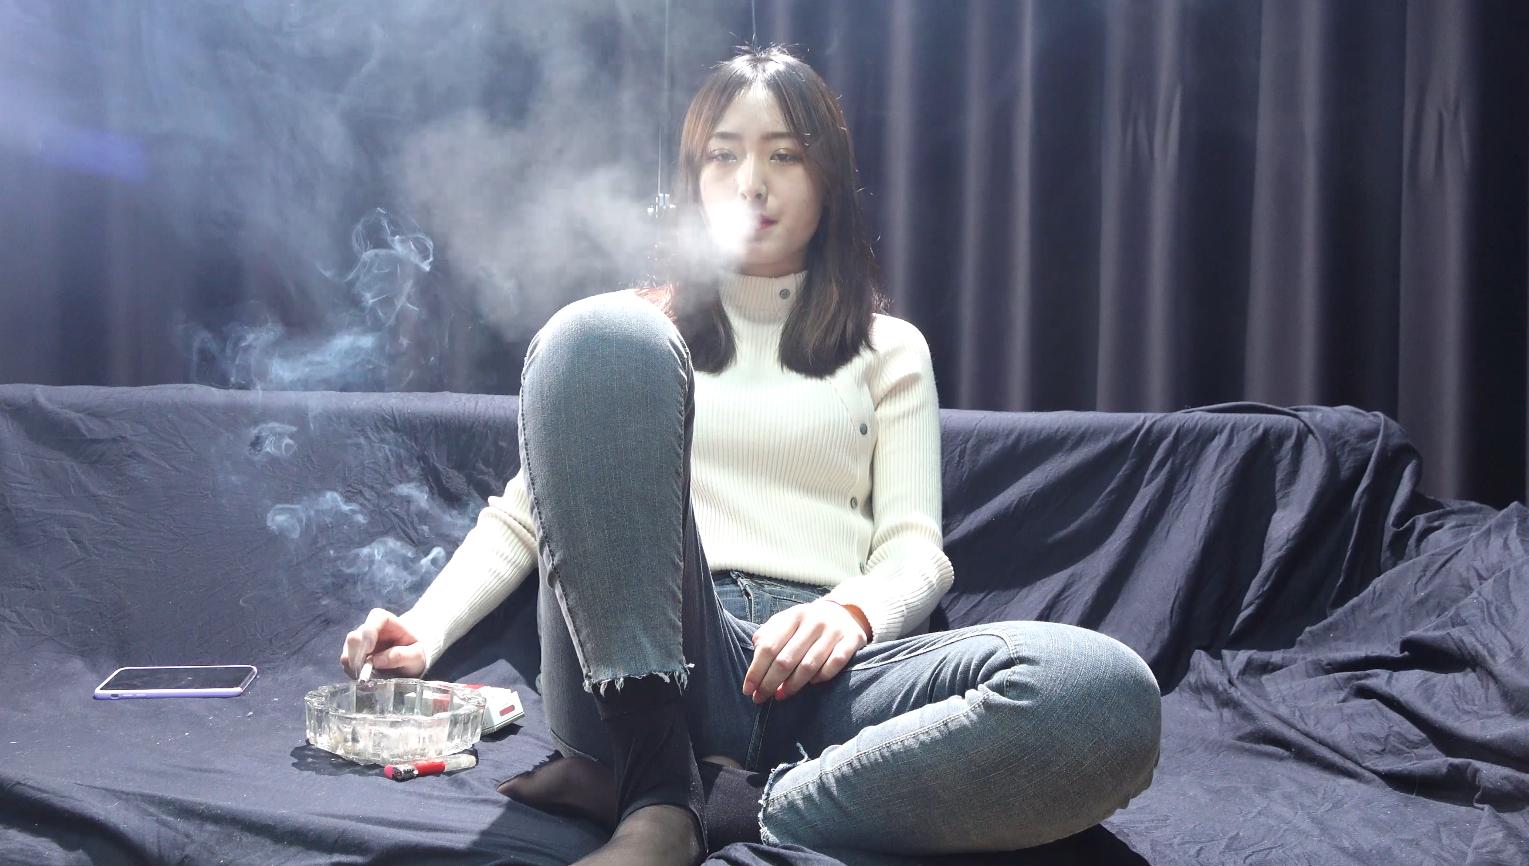 叛逆的小女生就是要抽烟